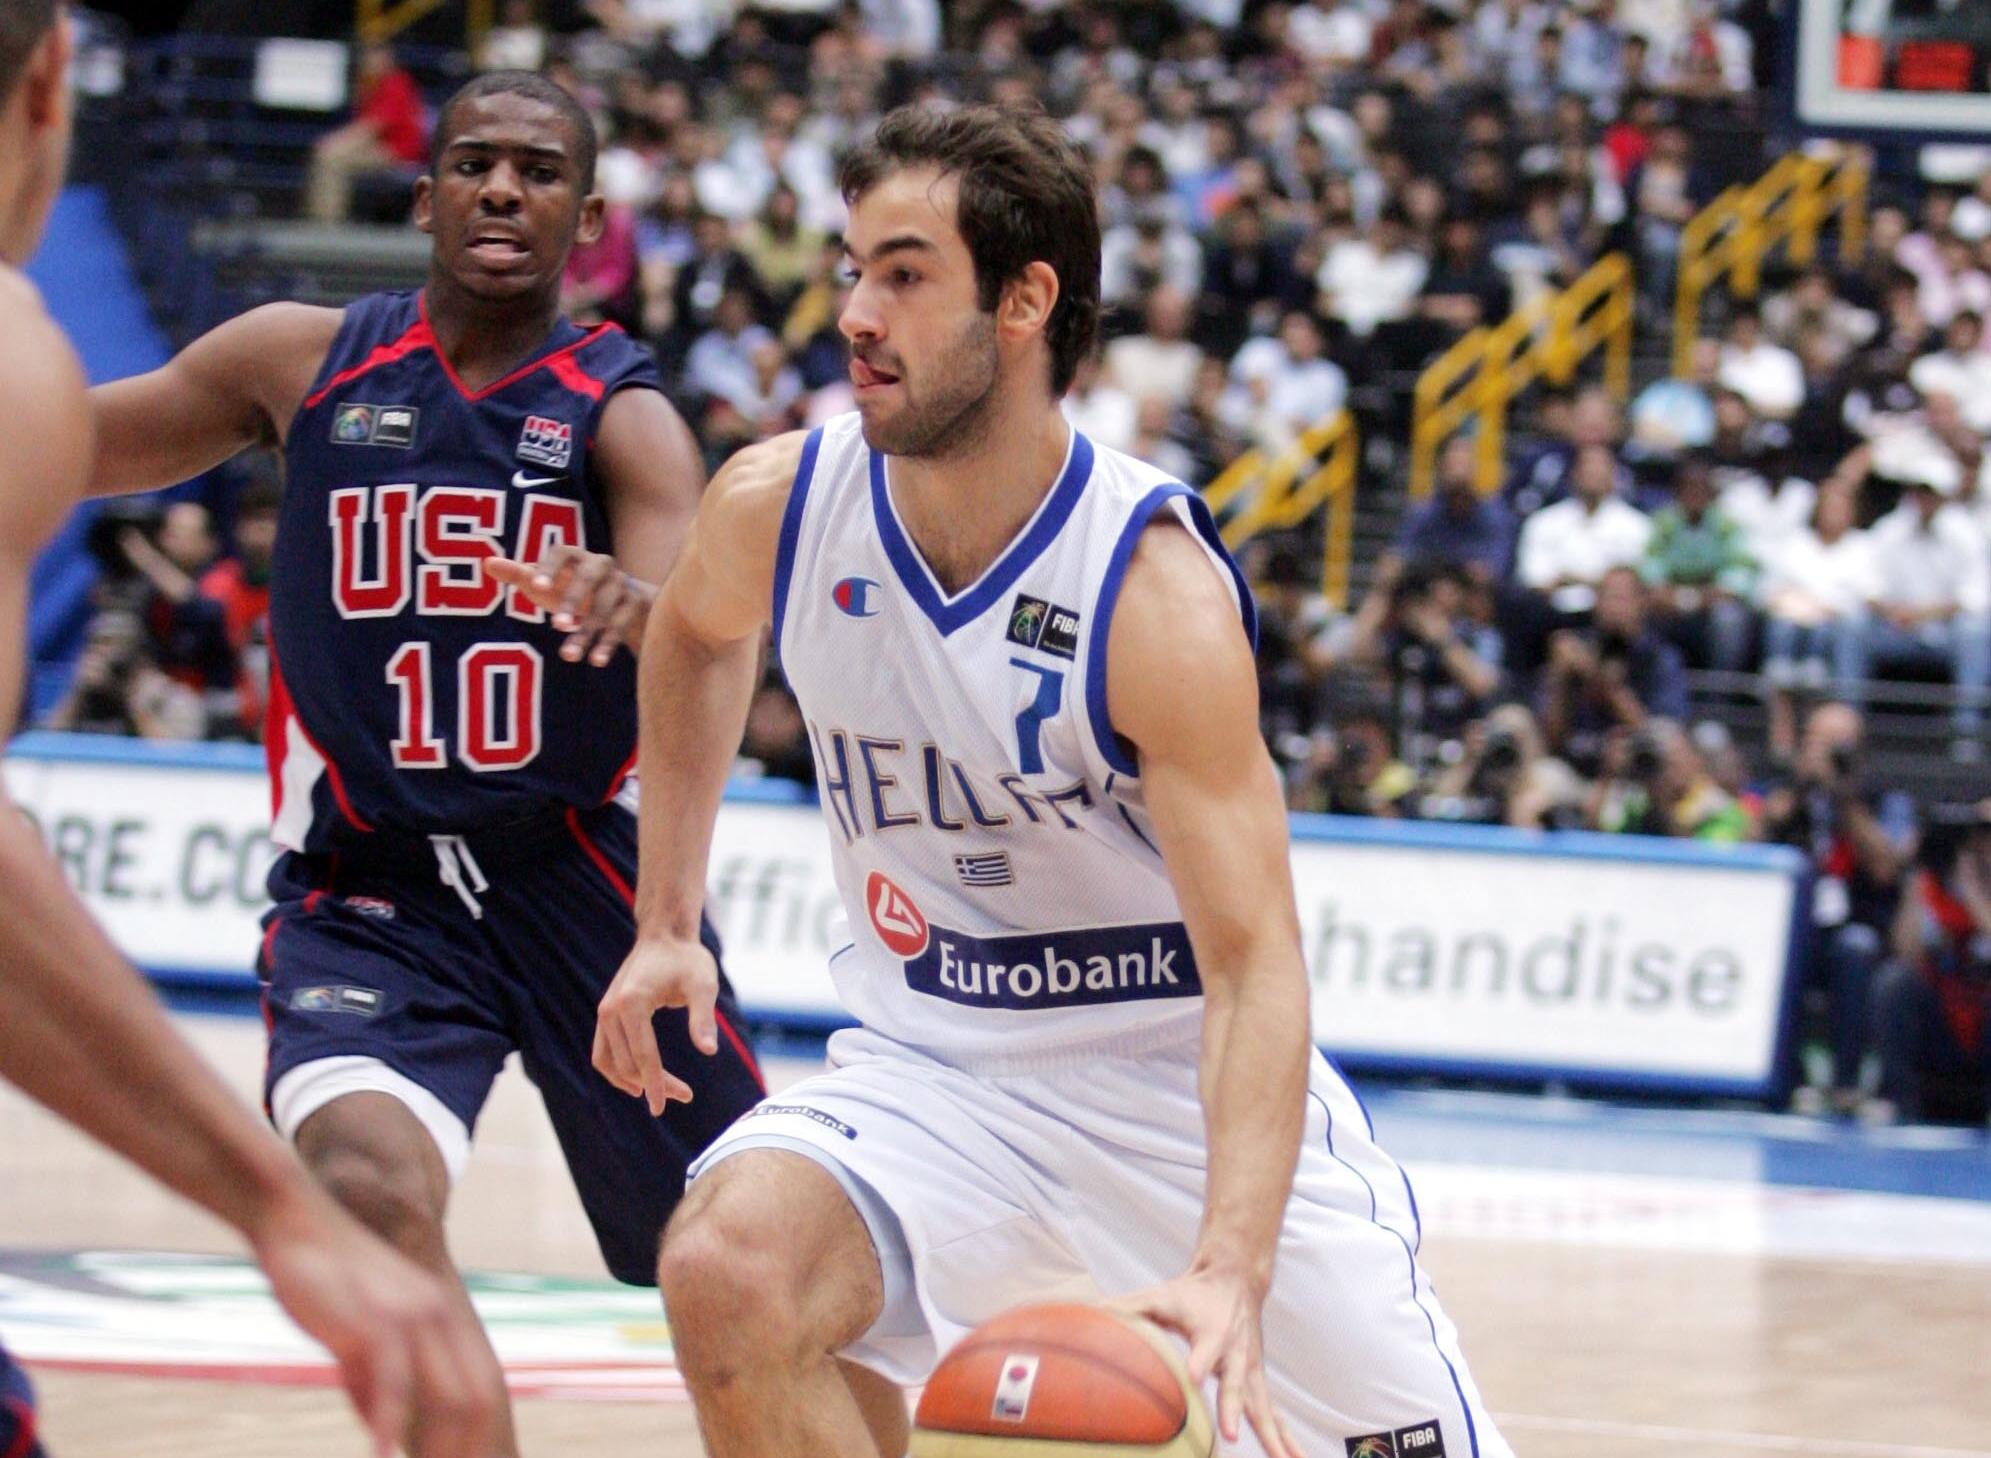 """Ο Σπανούλης επέστρεψε στην Εθνική και η FIBA θυμήθηκε το """"πετσόκομμα"""" στις ΗΠΑ"""